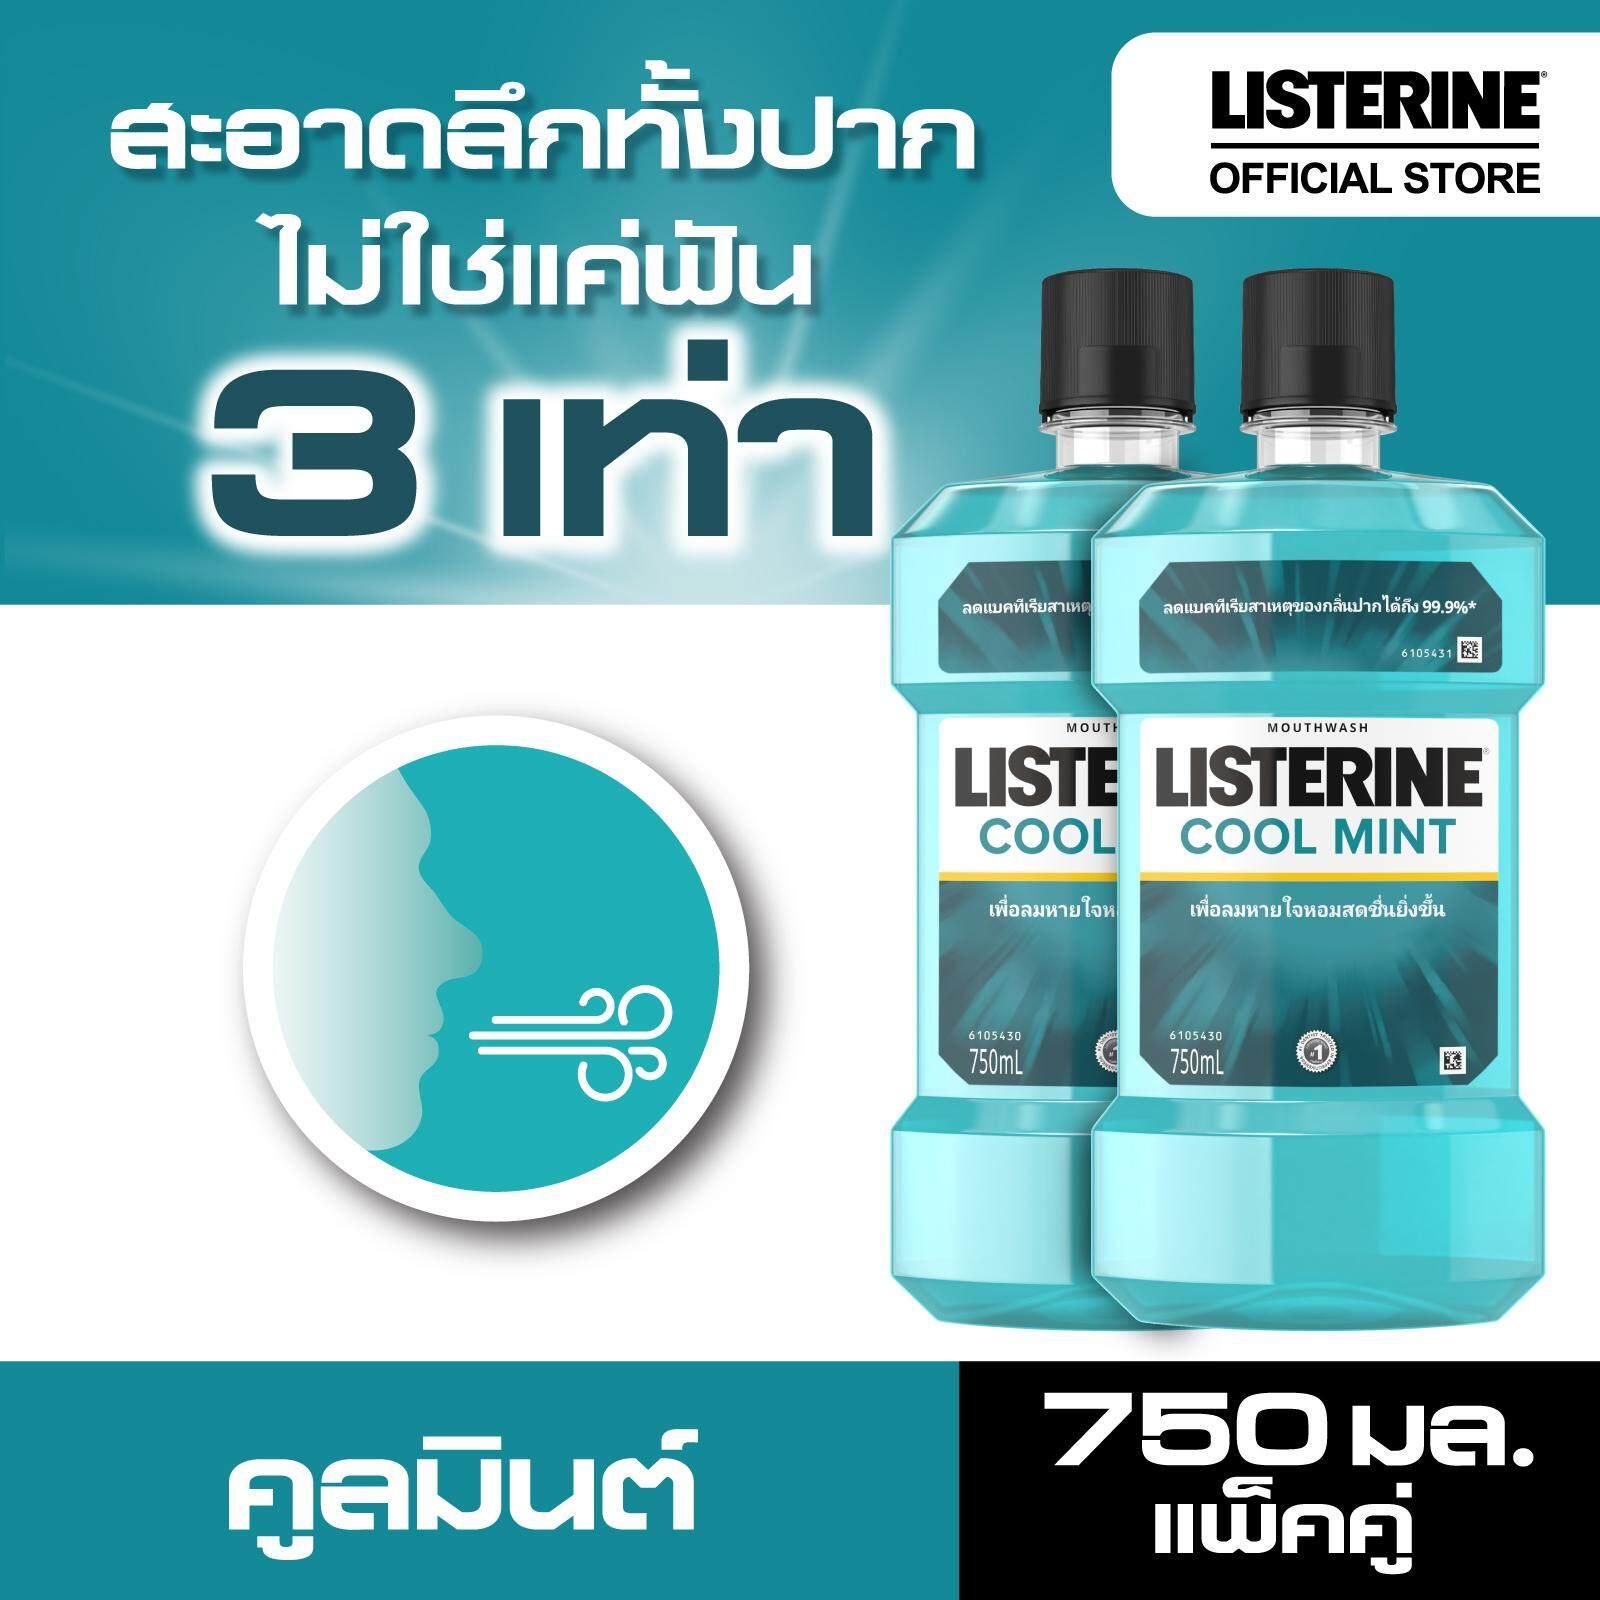 ลิสเตอรีน น้ำยาบ้วนปาก คููลมินต์ 750มล. แพ็คคู่ Listerine Mouth Wash Coolmint 750ml. X 2.